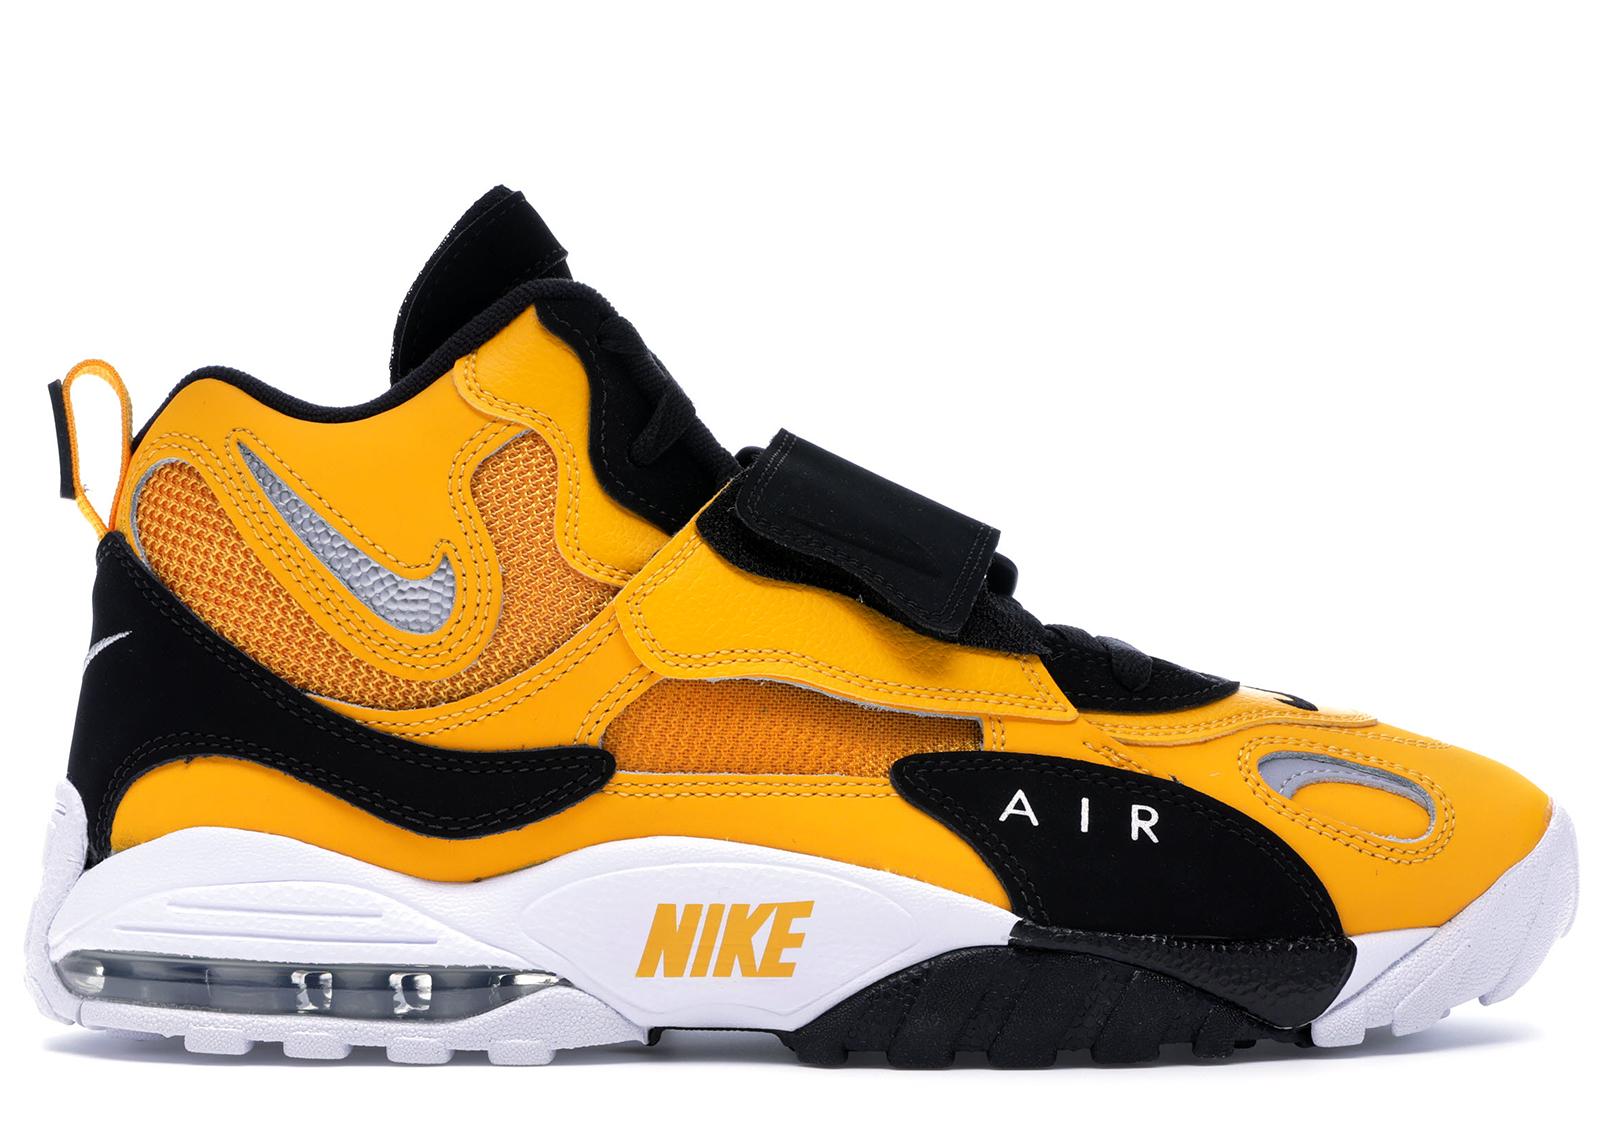 Nike Air Max Speed Turf Steelers - BV1165-700